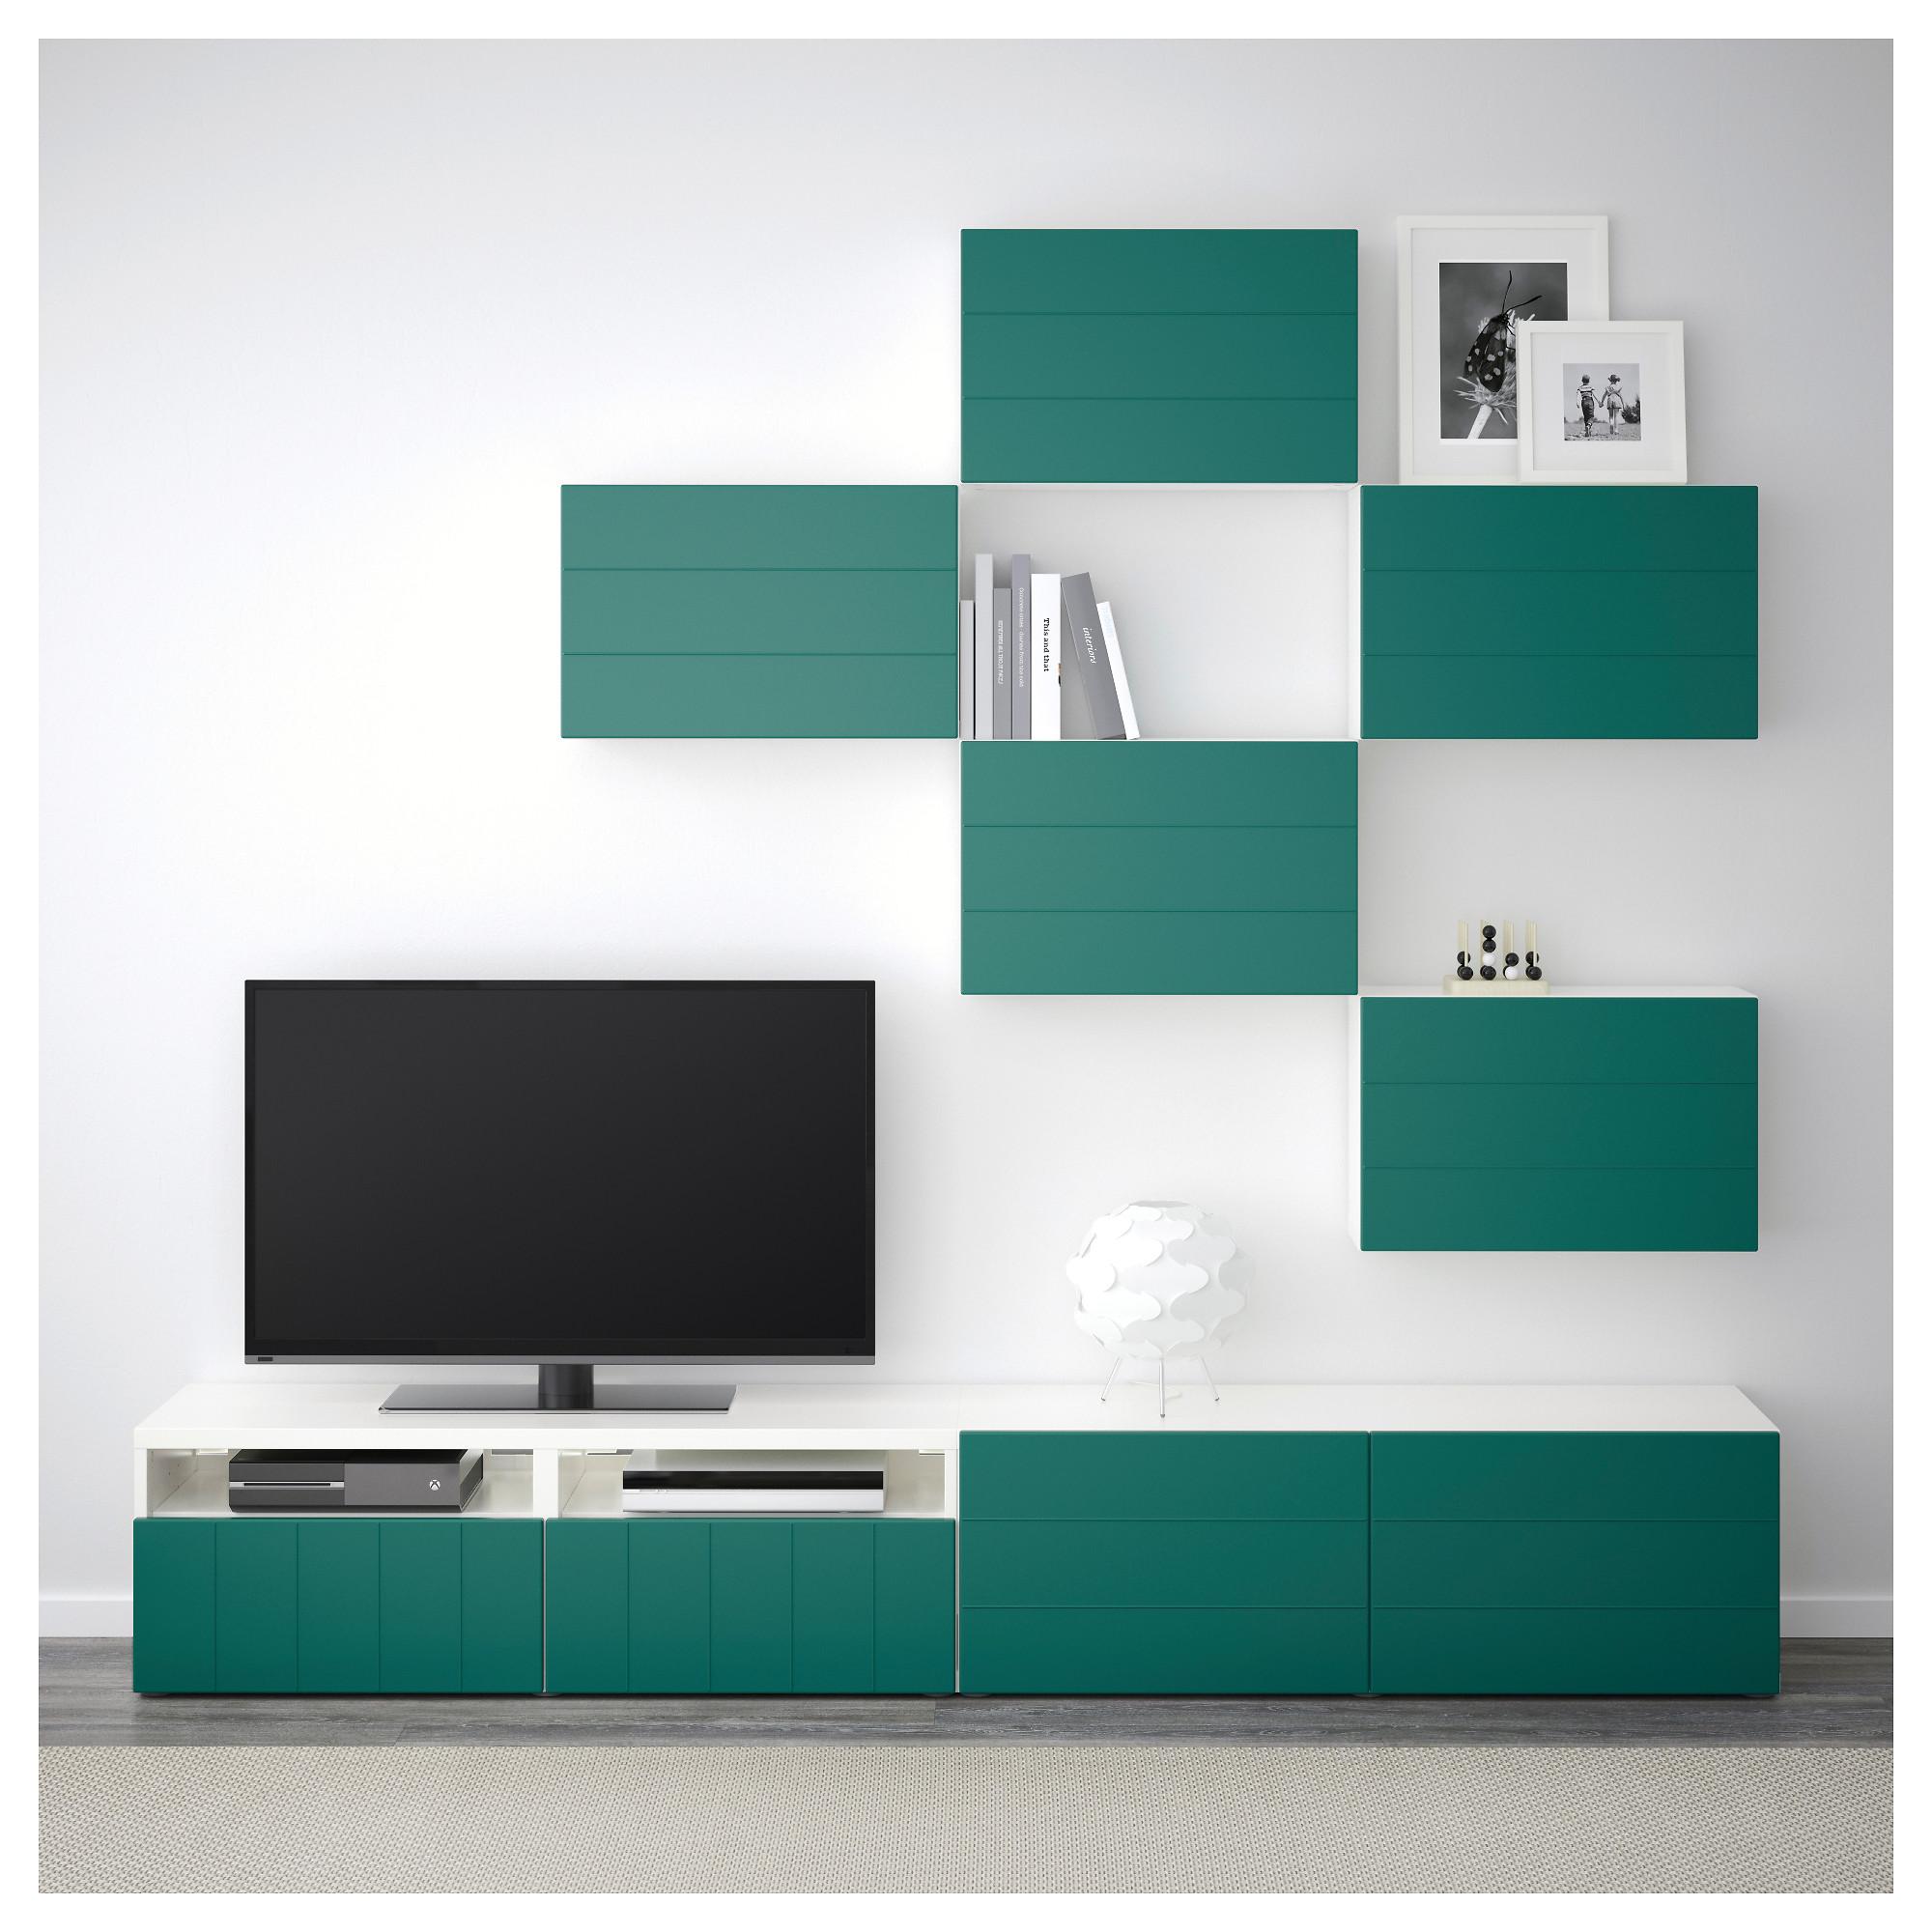 Шкаф для ТВ, комбинация БЕСТО сине-зеленый артикуль № 092.761.22 в наличии. Онлайн сайт ИКЕА Минск. Быстрая доставка и монтаж.